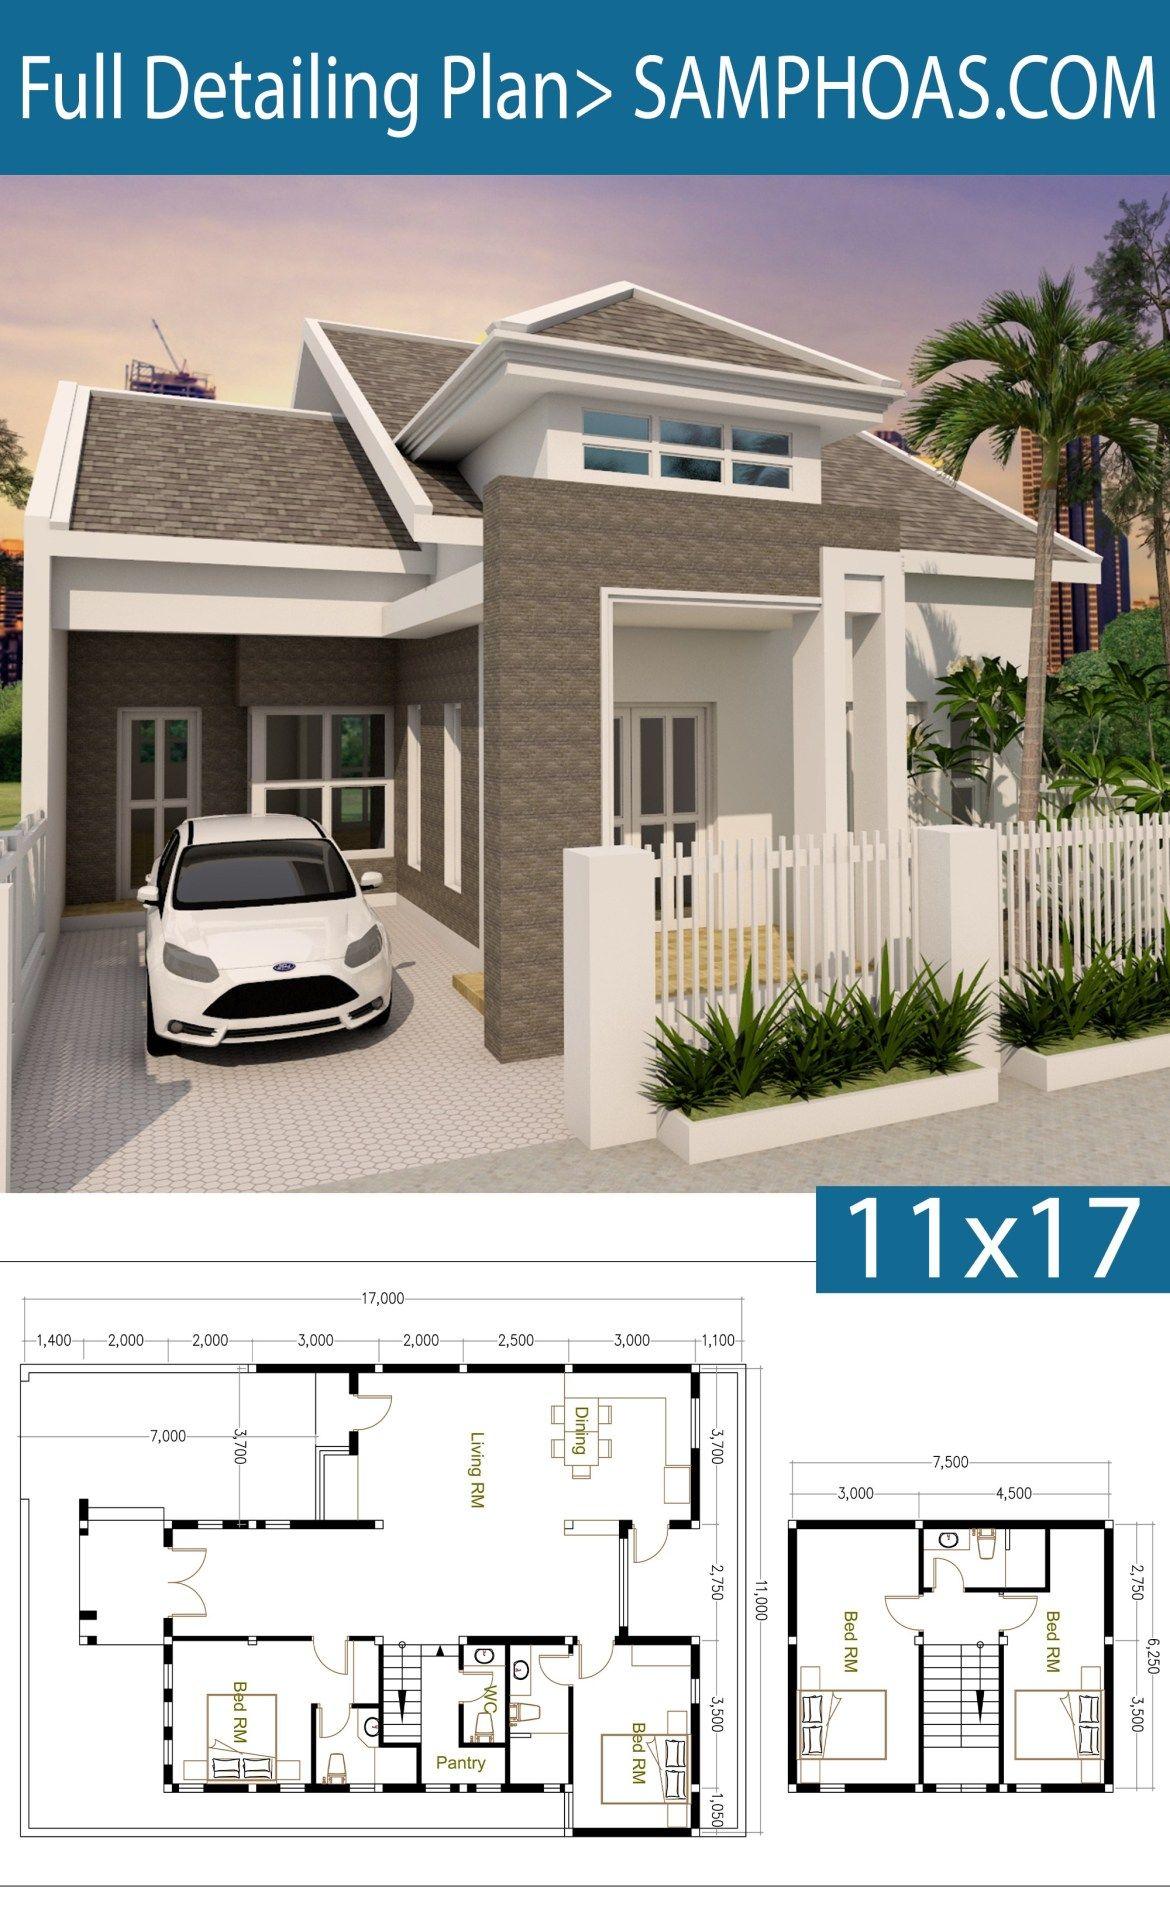 4 Bedrooms House Plan 11x17m Samphoas Plansearch House Plans 4 Bedroom House Plans Home Building Design